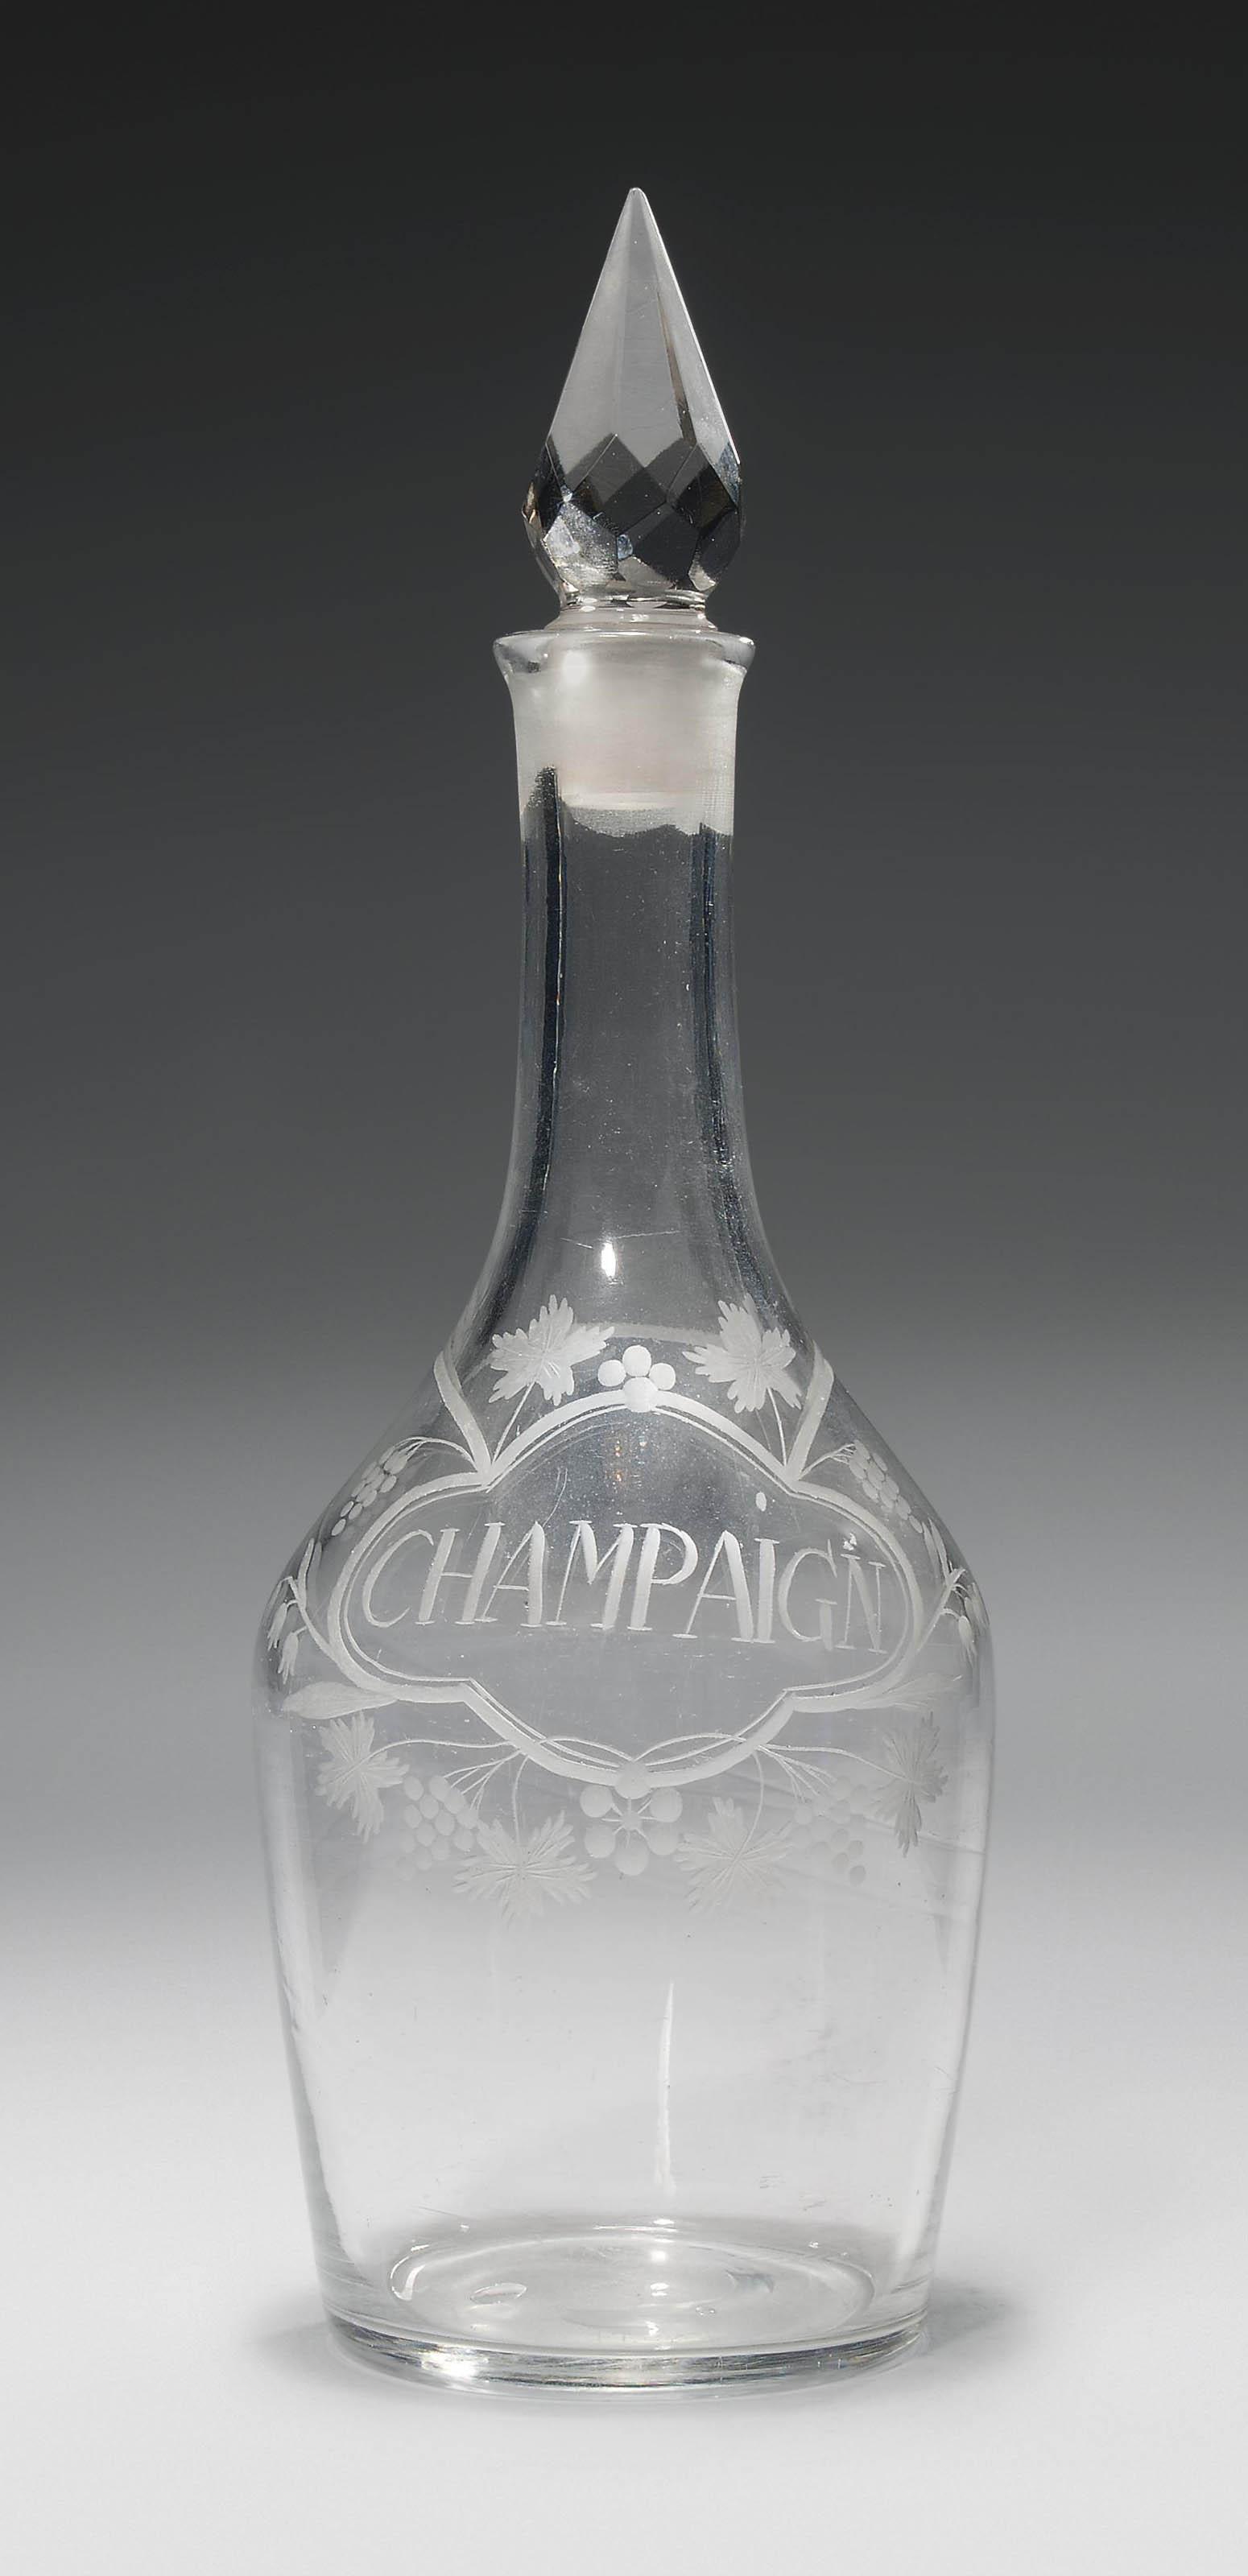 AN ENGRAVED GLASS CHAMPAIGN DE